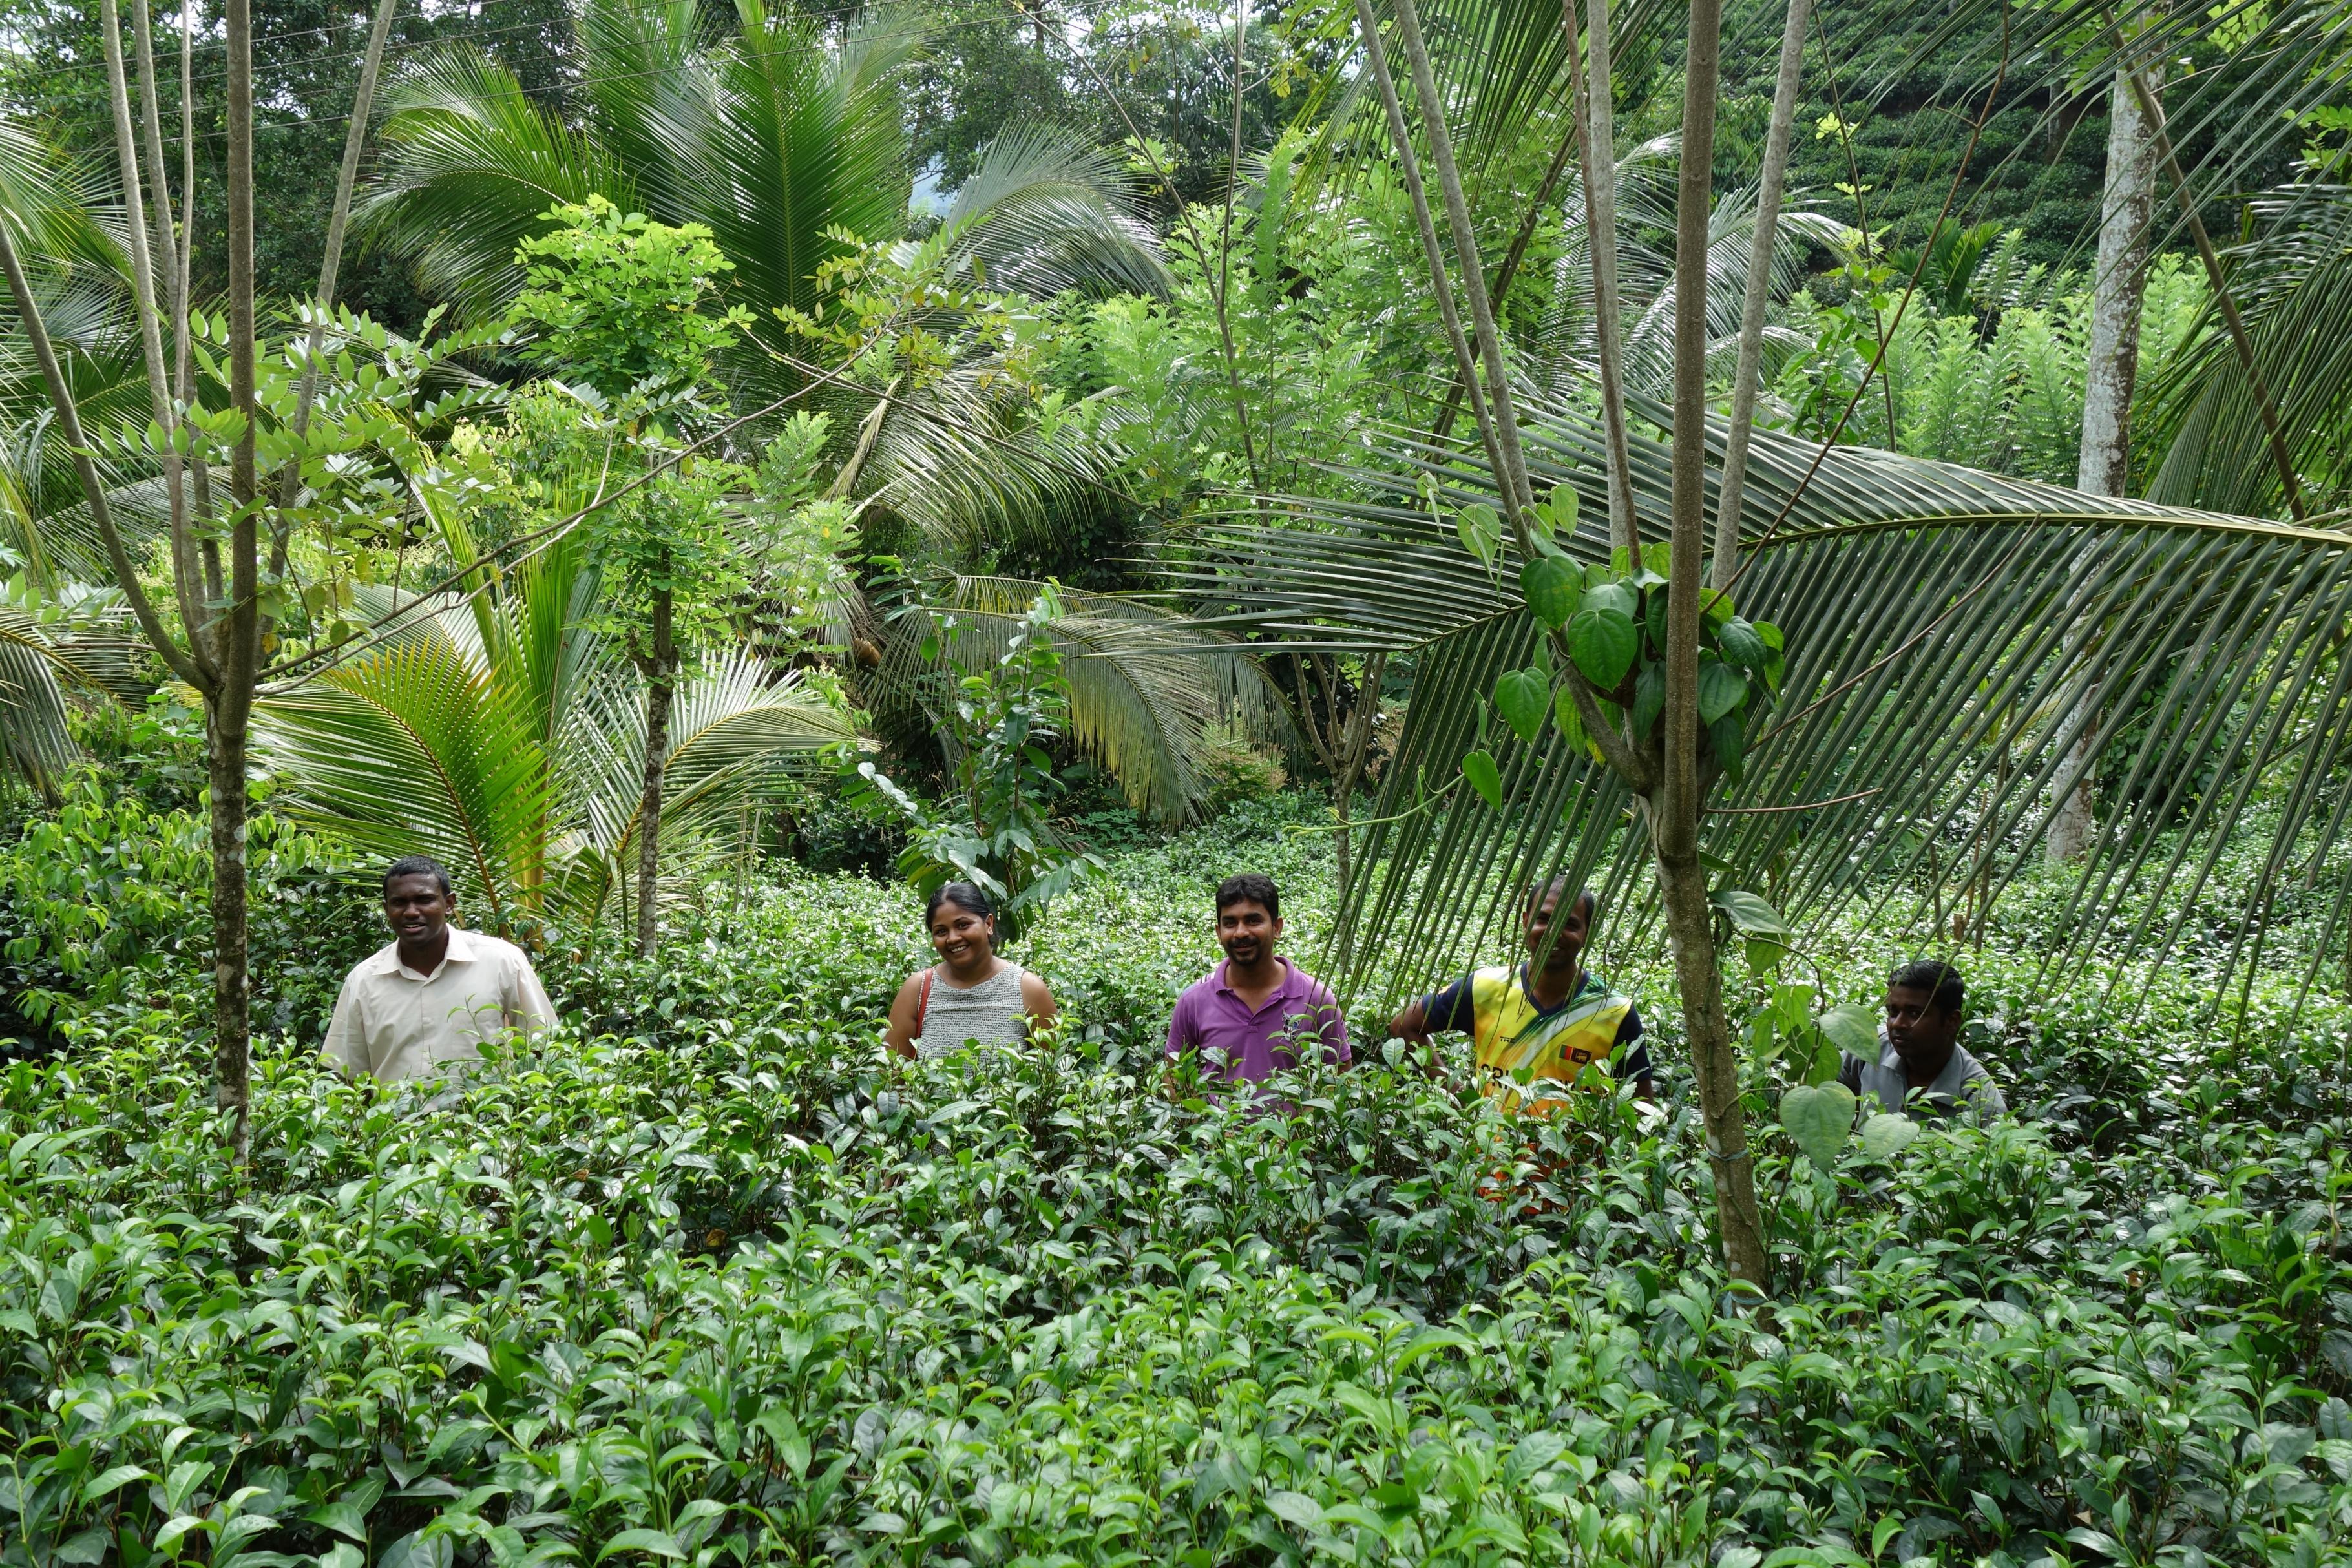 Teeanbau im Regenwald Sri Lankas